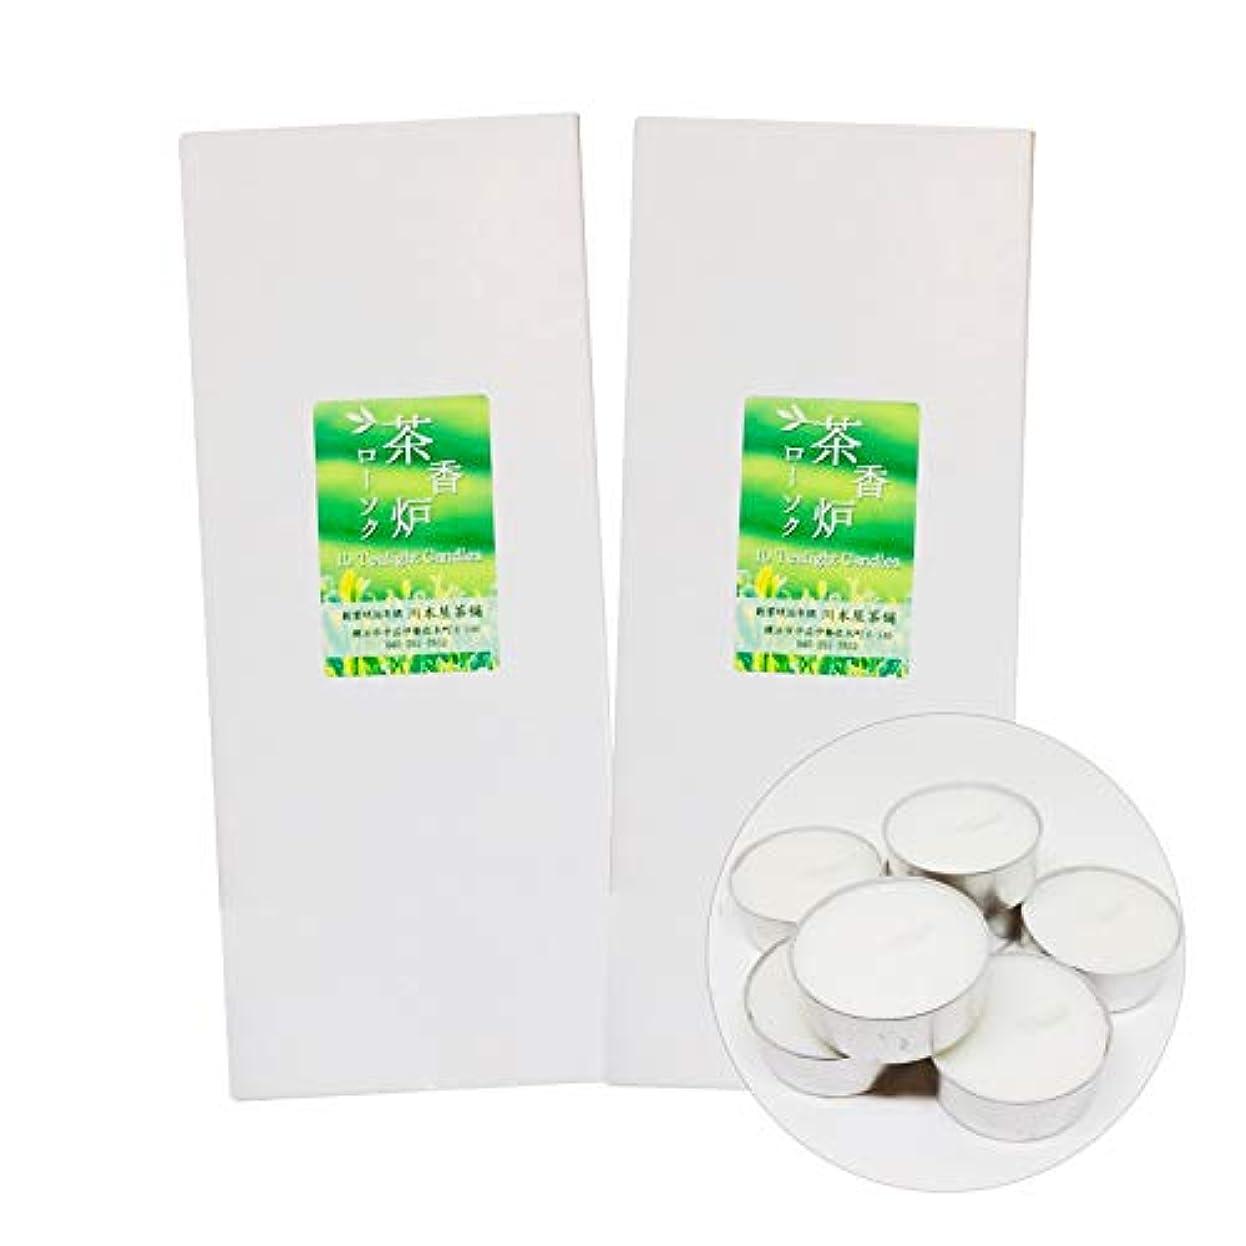 勝者ボア鼻茶香炉専用 ろうそく キャンドル 10個入り 川本屋茶舗 (2箱)